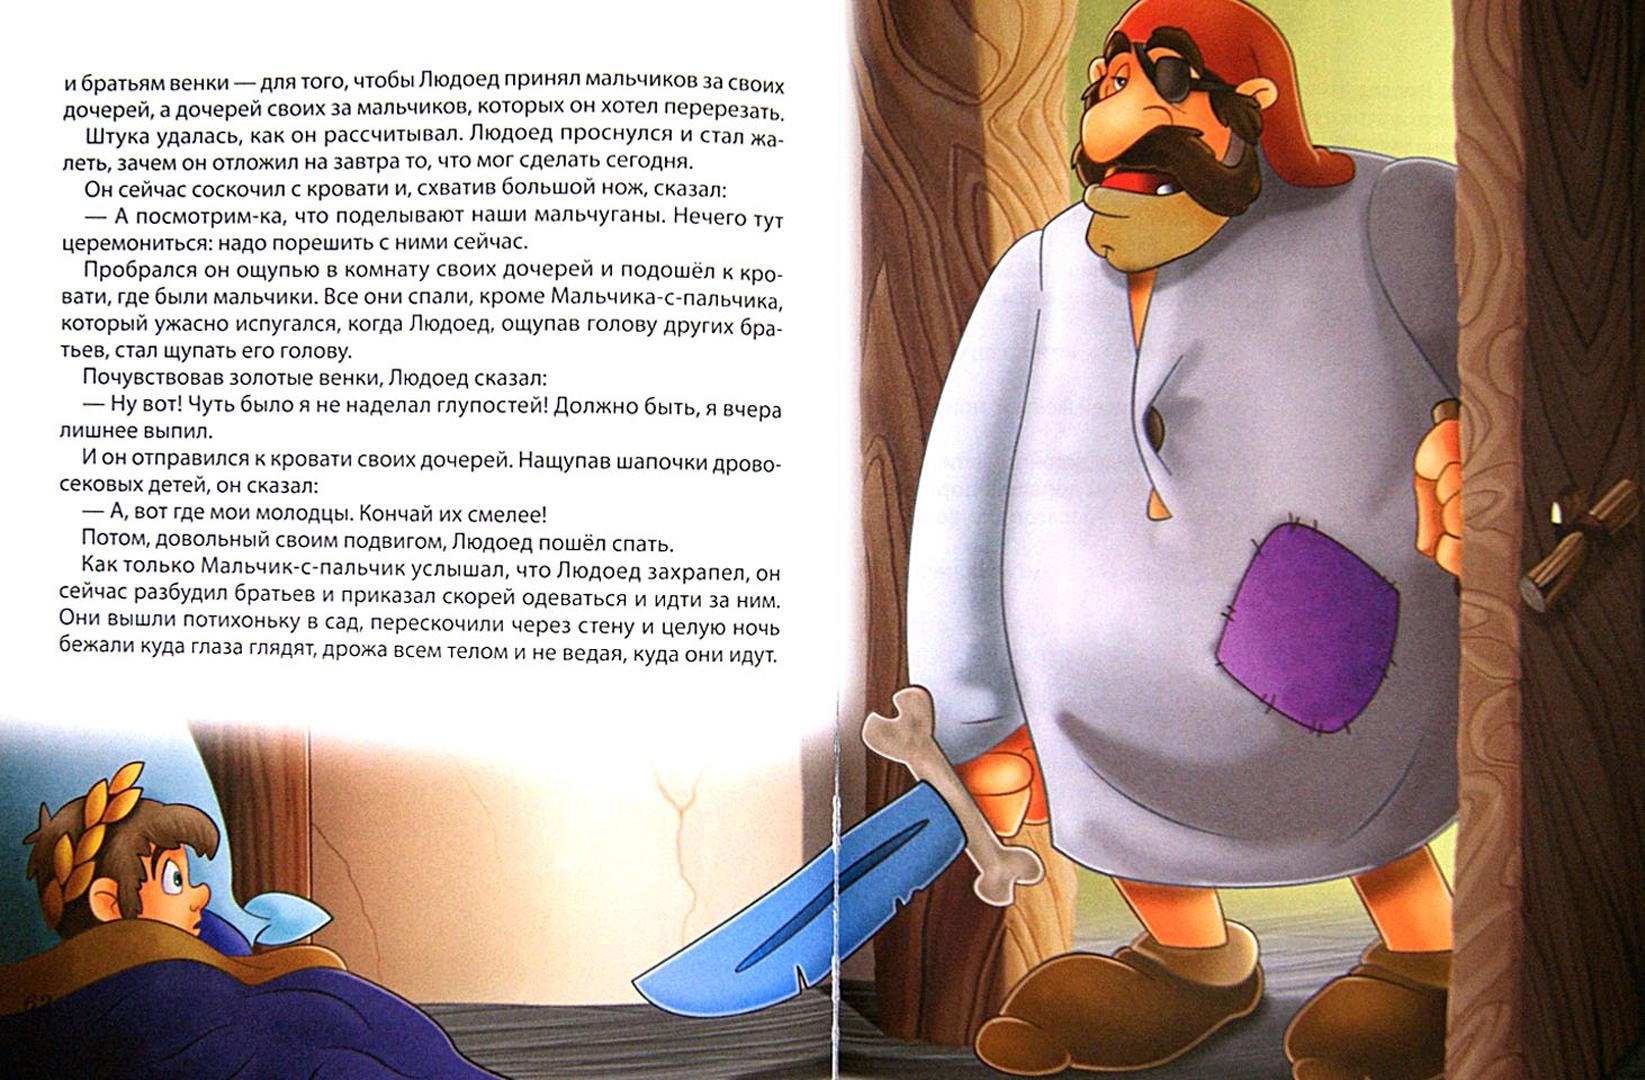 Иллюстрация 1 из 14 для Лучшие волшебные сказки - Шарль Перро | Лабиринт - книги. Источник: Лабиринт